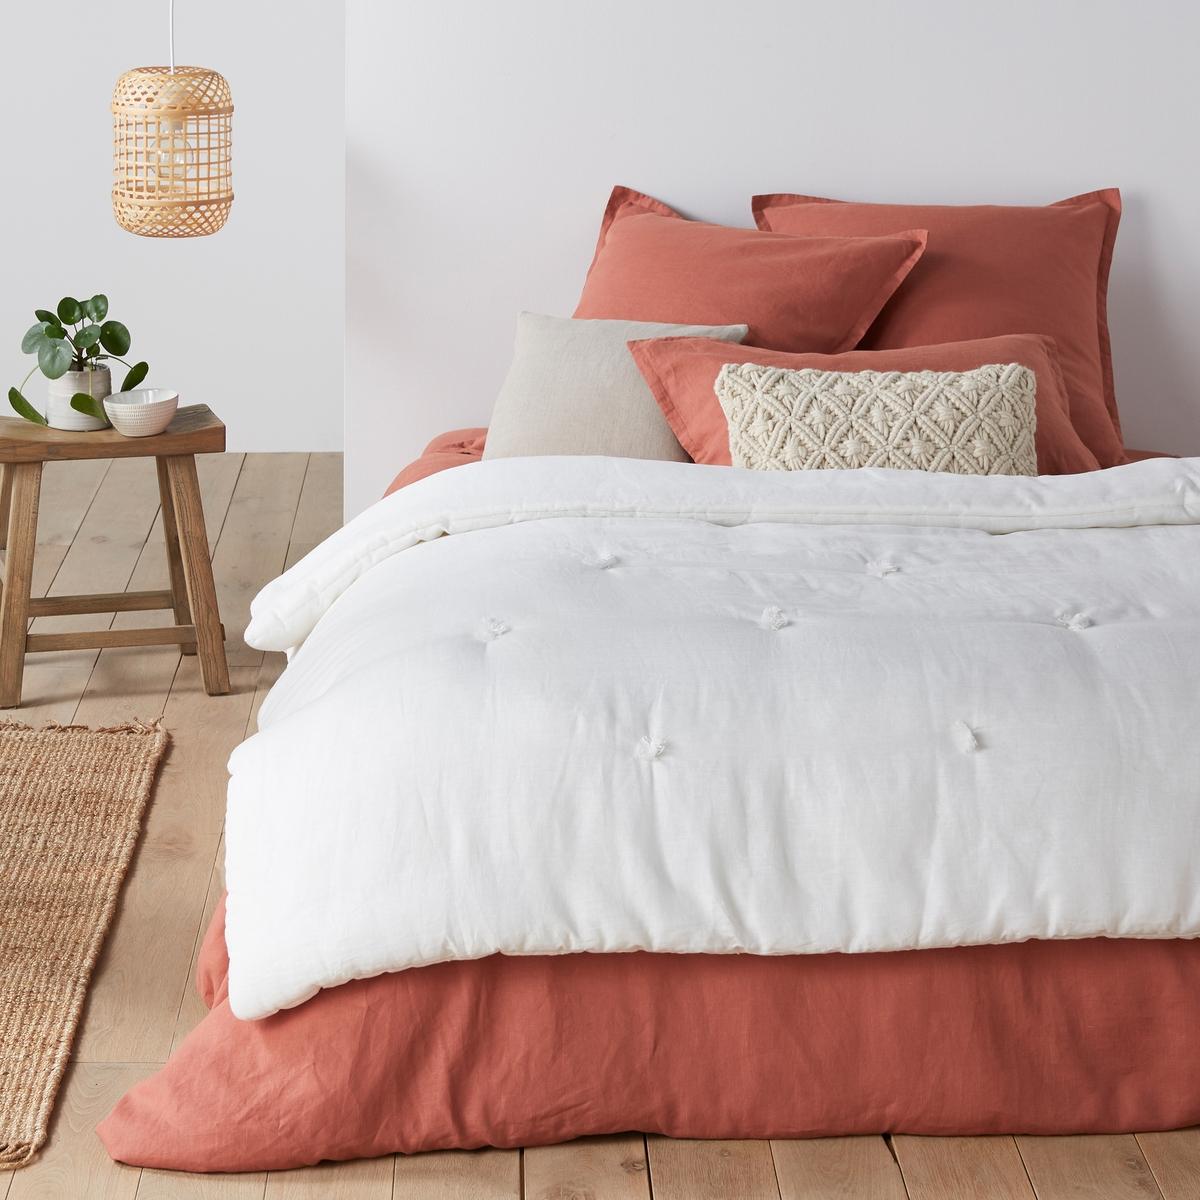 цена Одеяло La Redoute Из осветленного льна Abella 90 x 190 см белый онлайн в 2017 году